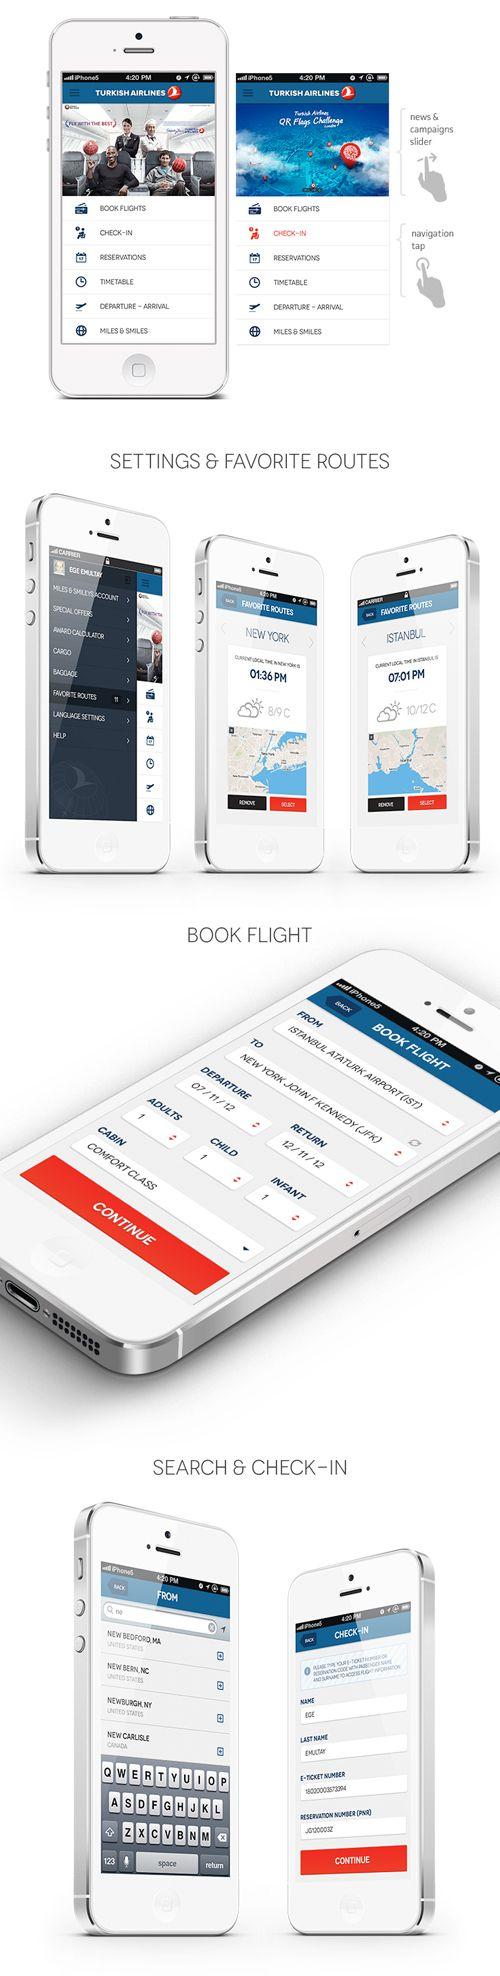 Turkish Airlines – iPhone App #UI #UX #flat #design